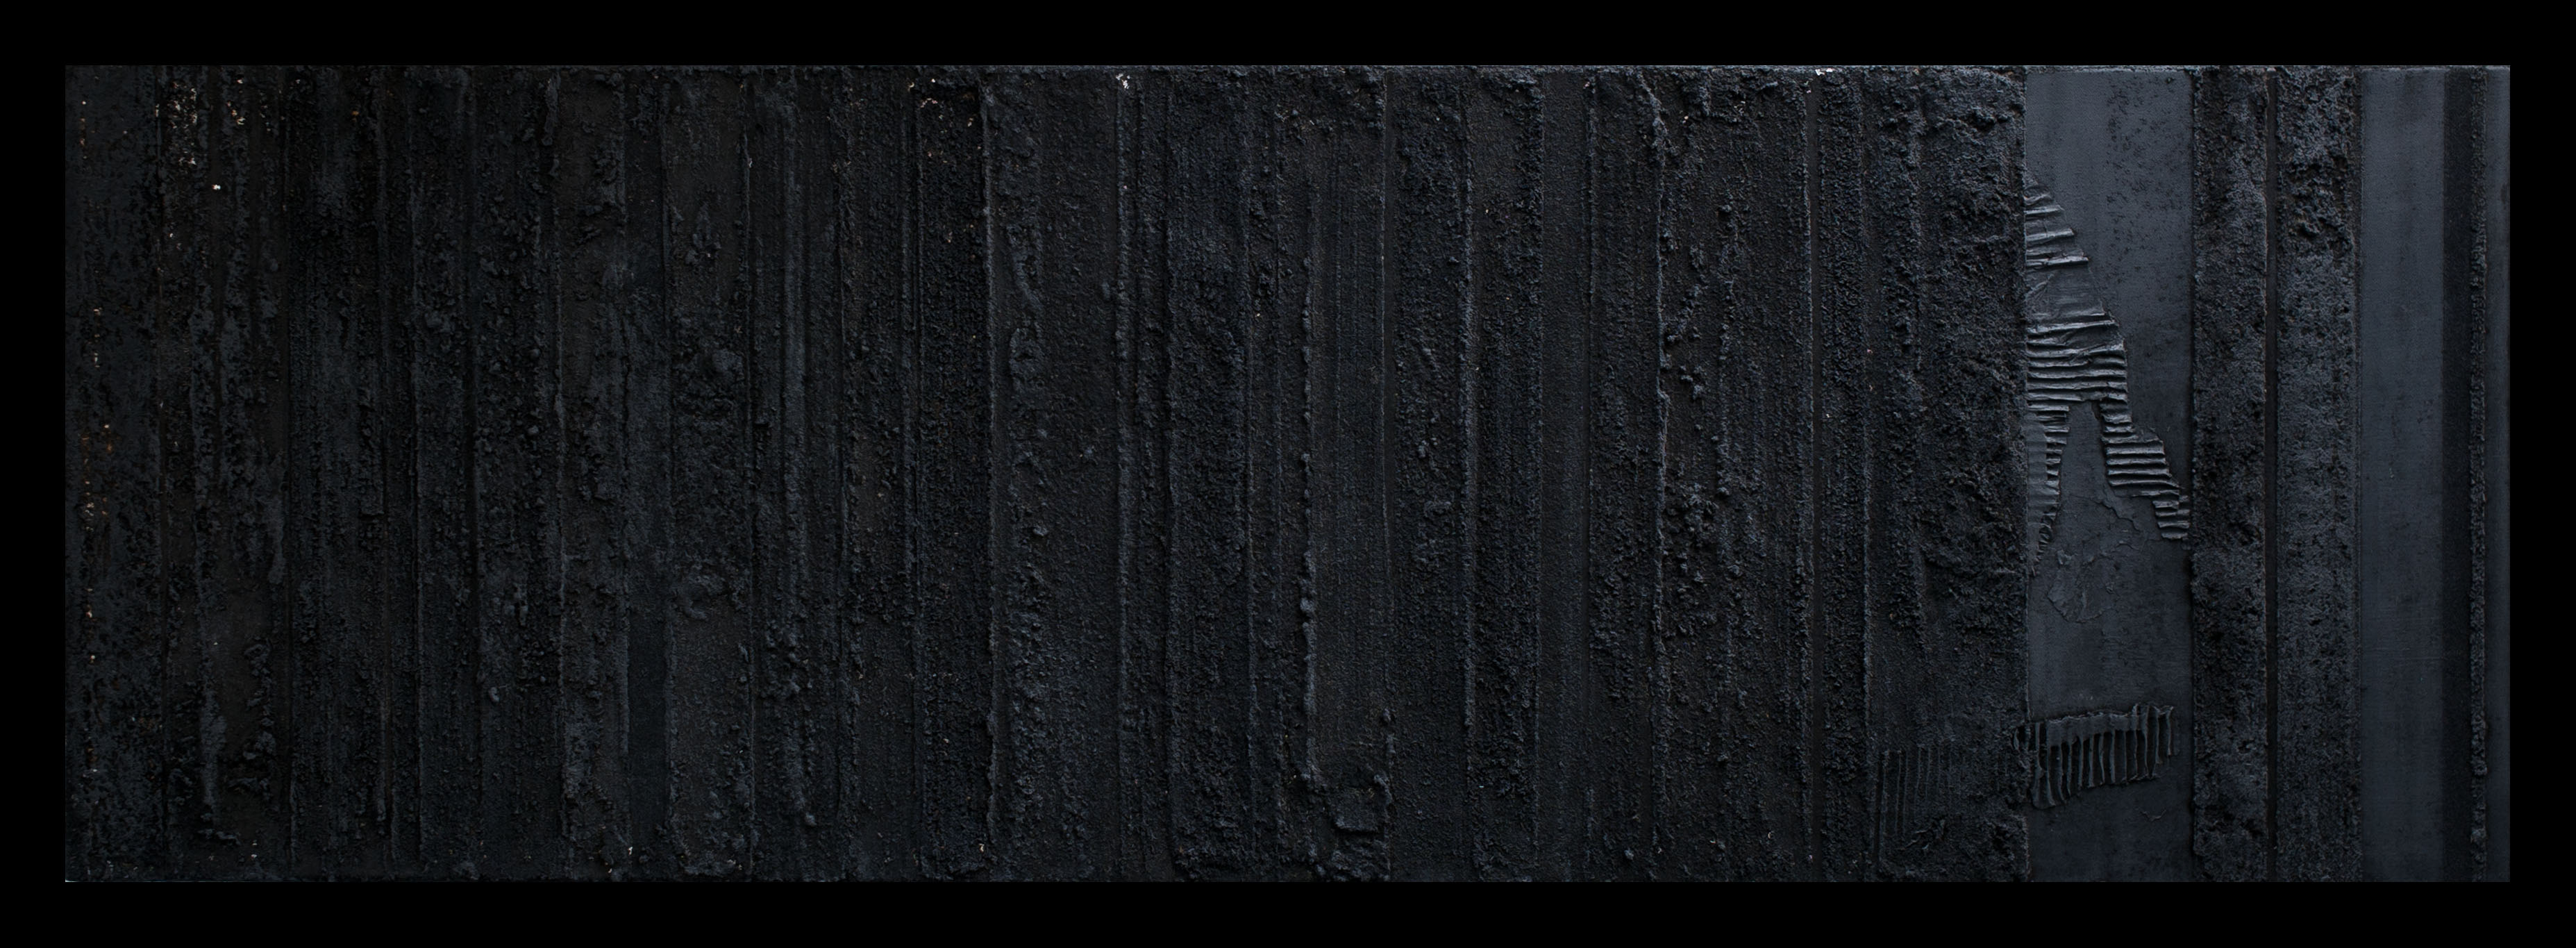 AGK037 - MOUVEMENT PANIQUE